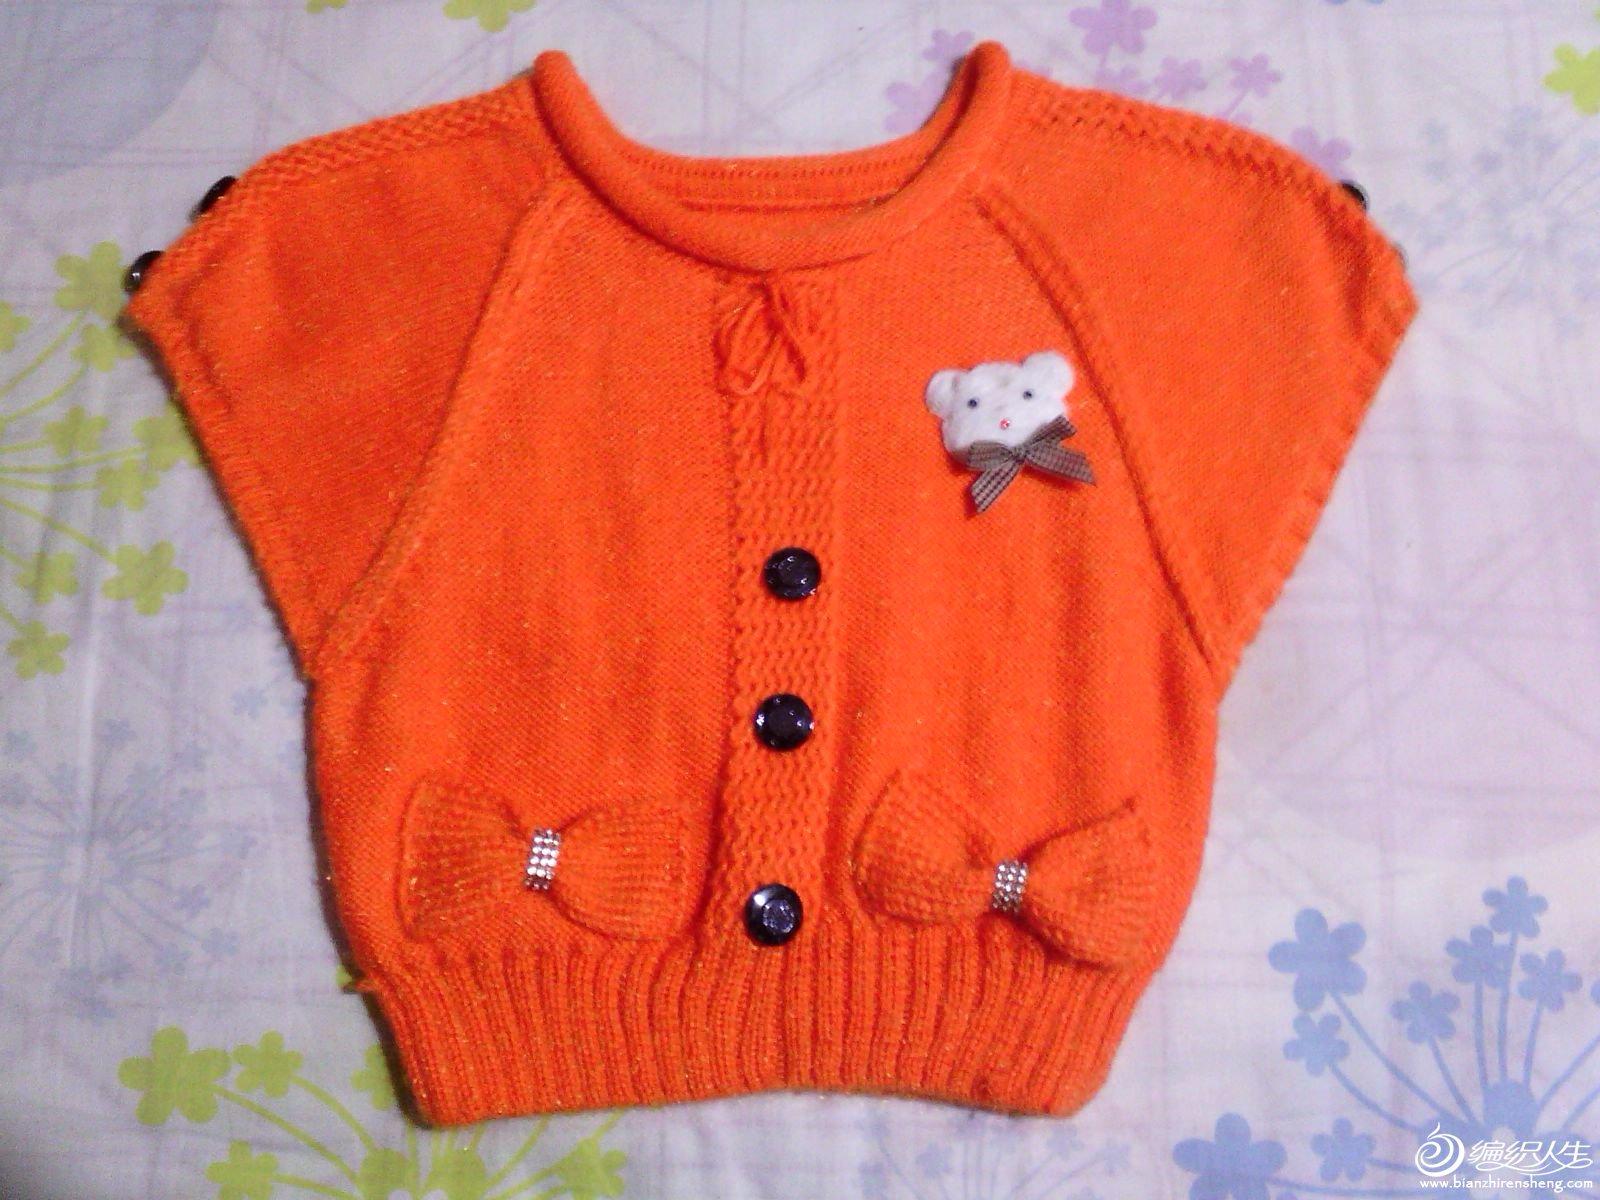 这是仿的一件宝宝衣